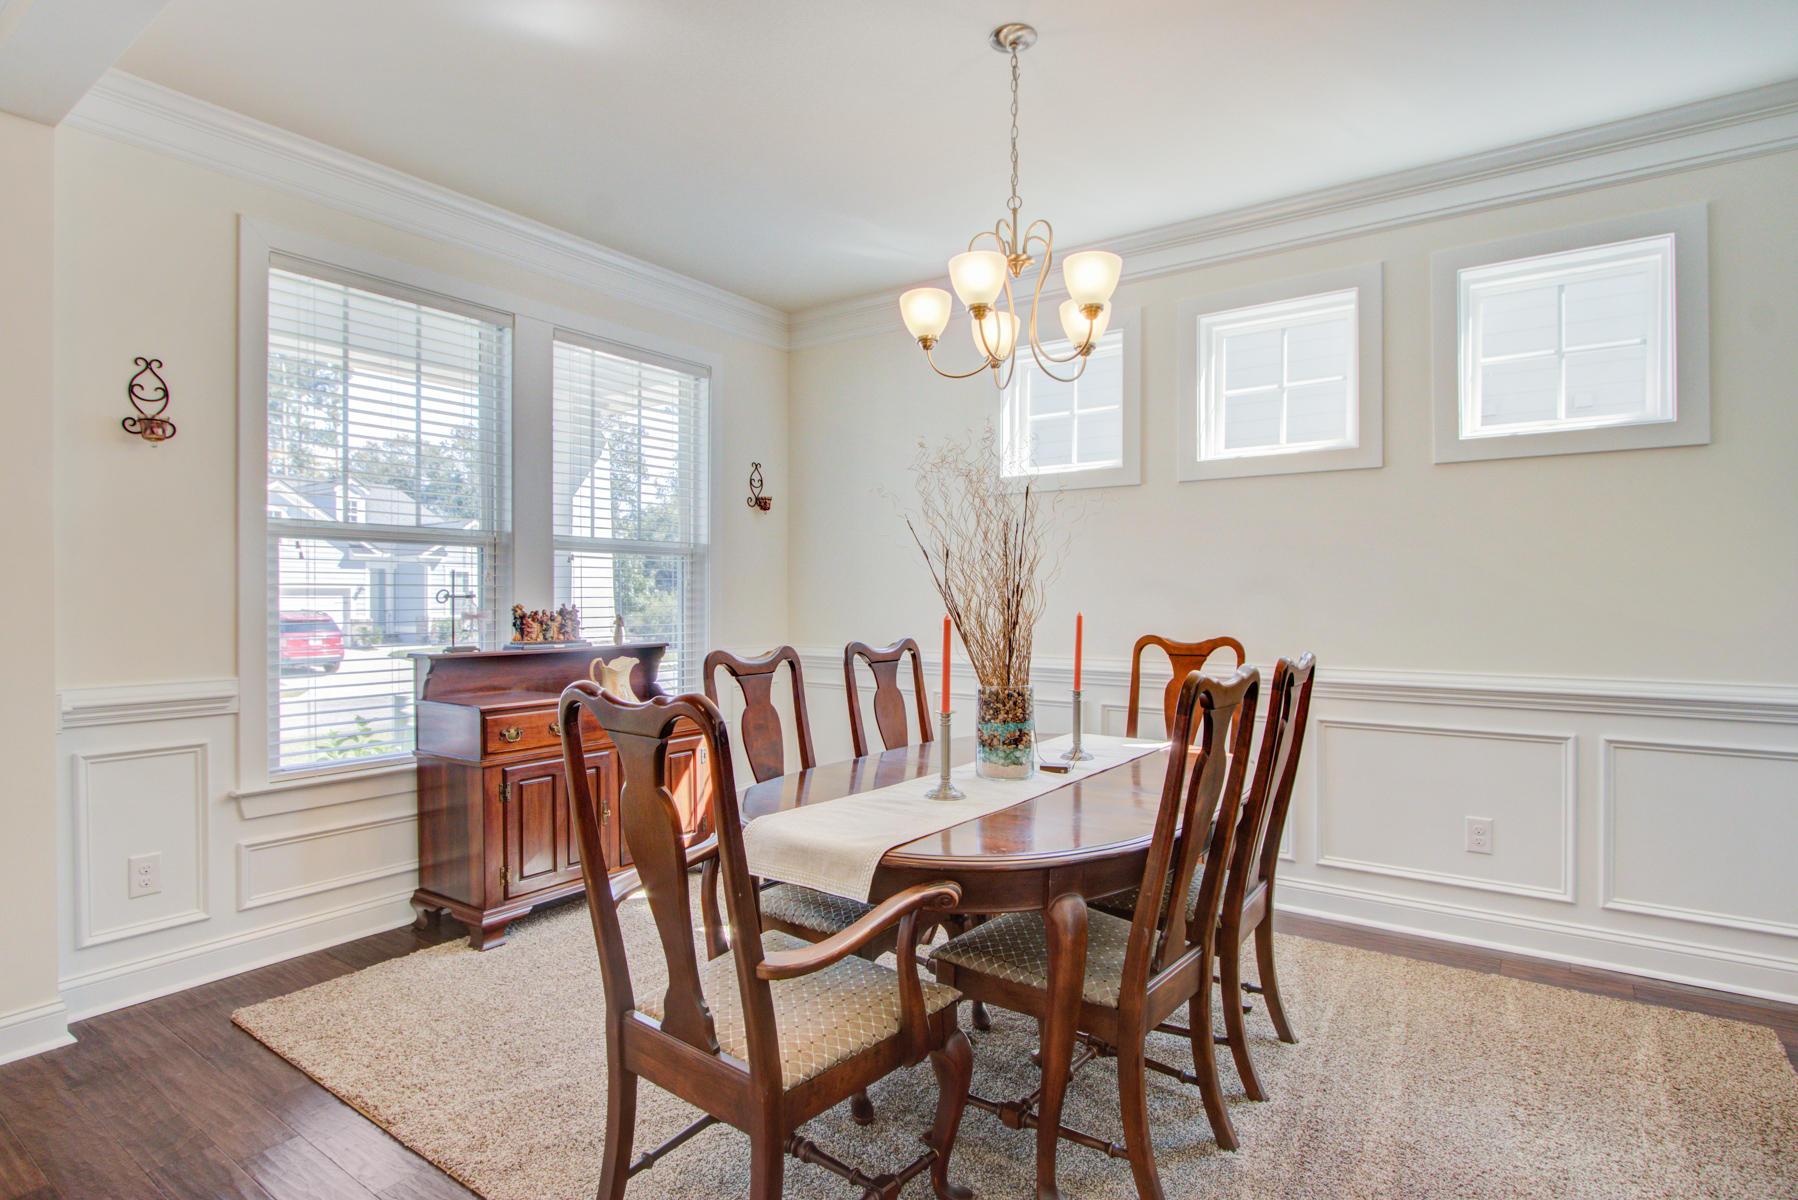 Magnolia Village Homes For Sale - 1309 Enfield, Mount Pleasant, SC - 13